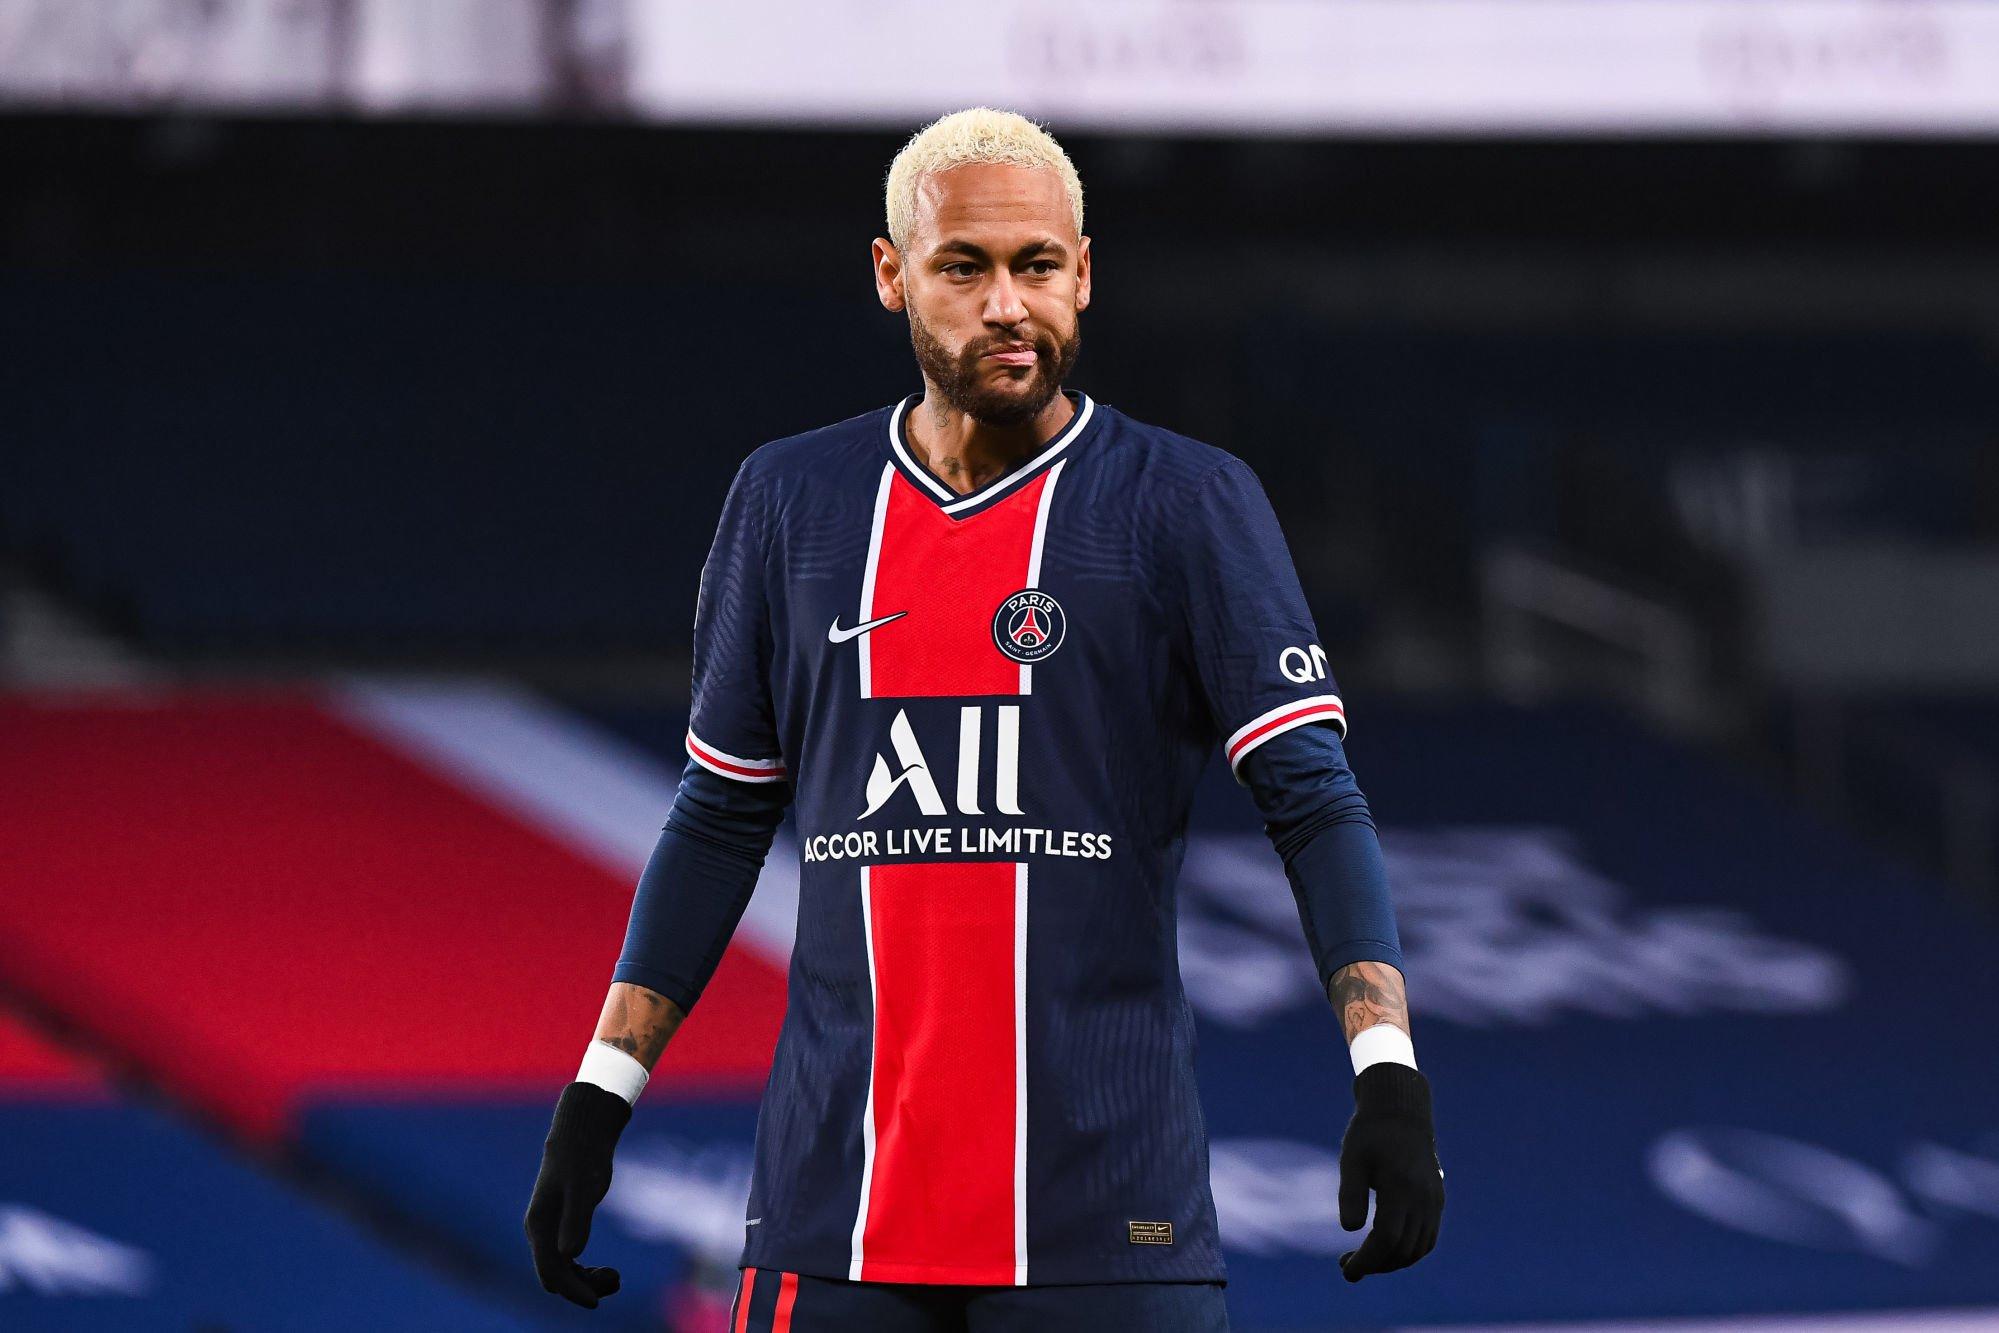 EN IMAGES. Neymar dévoile son surprenant onze de légende du PSG